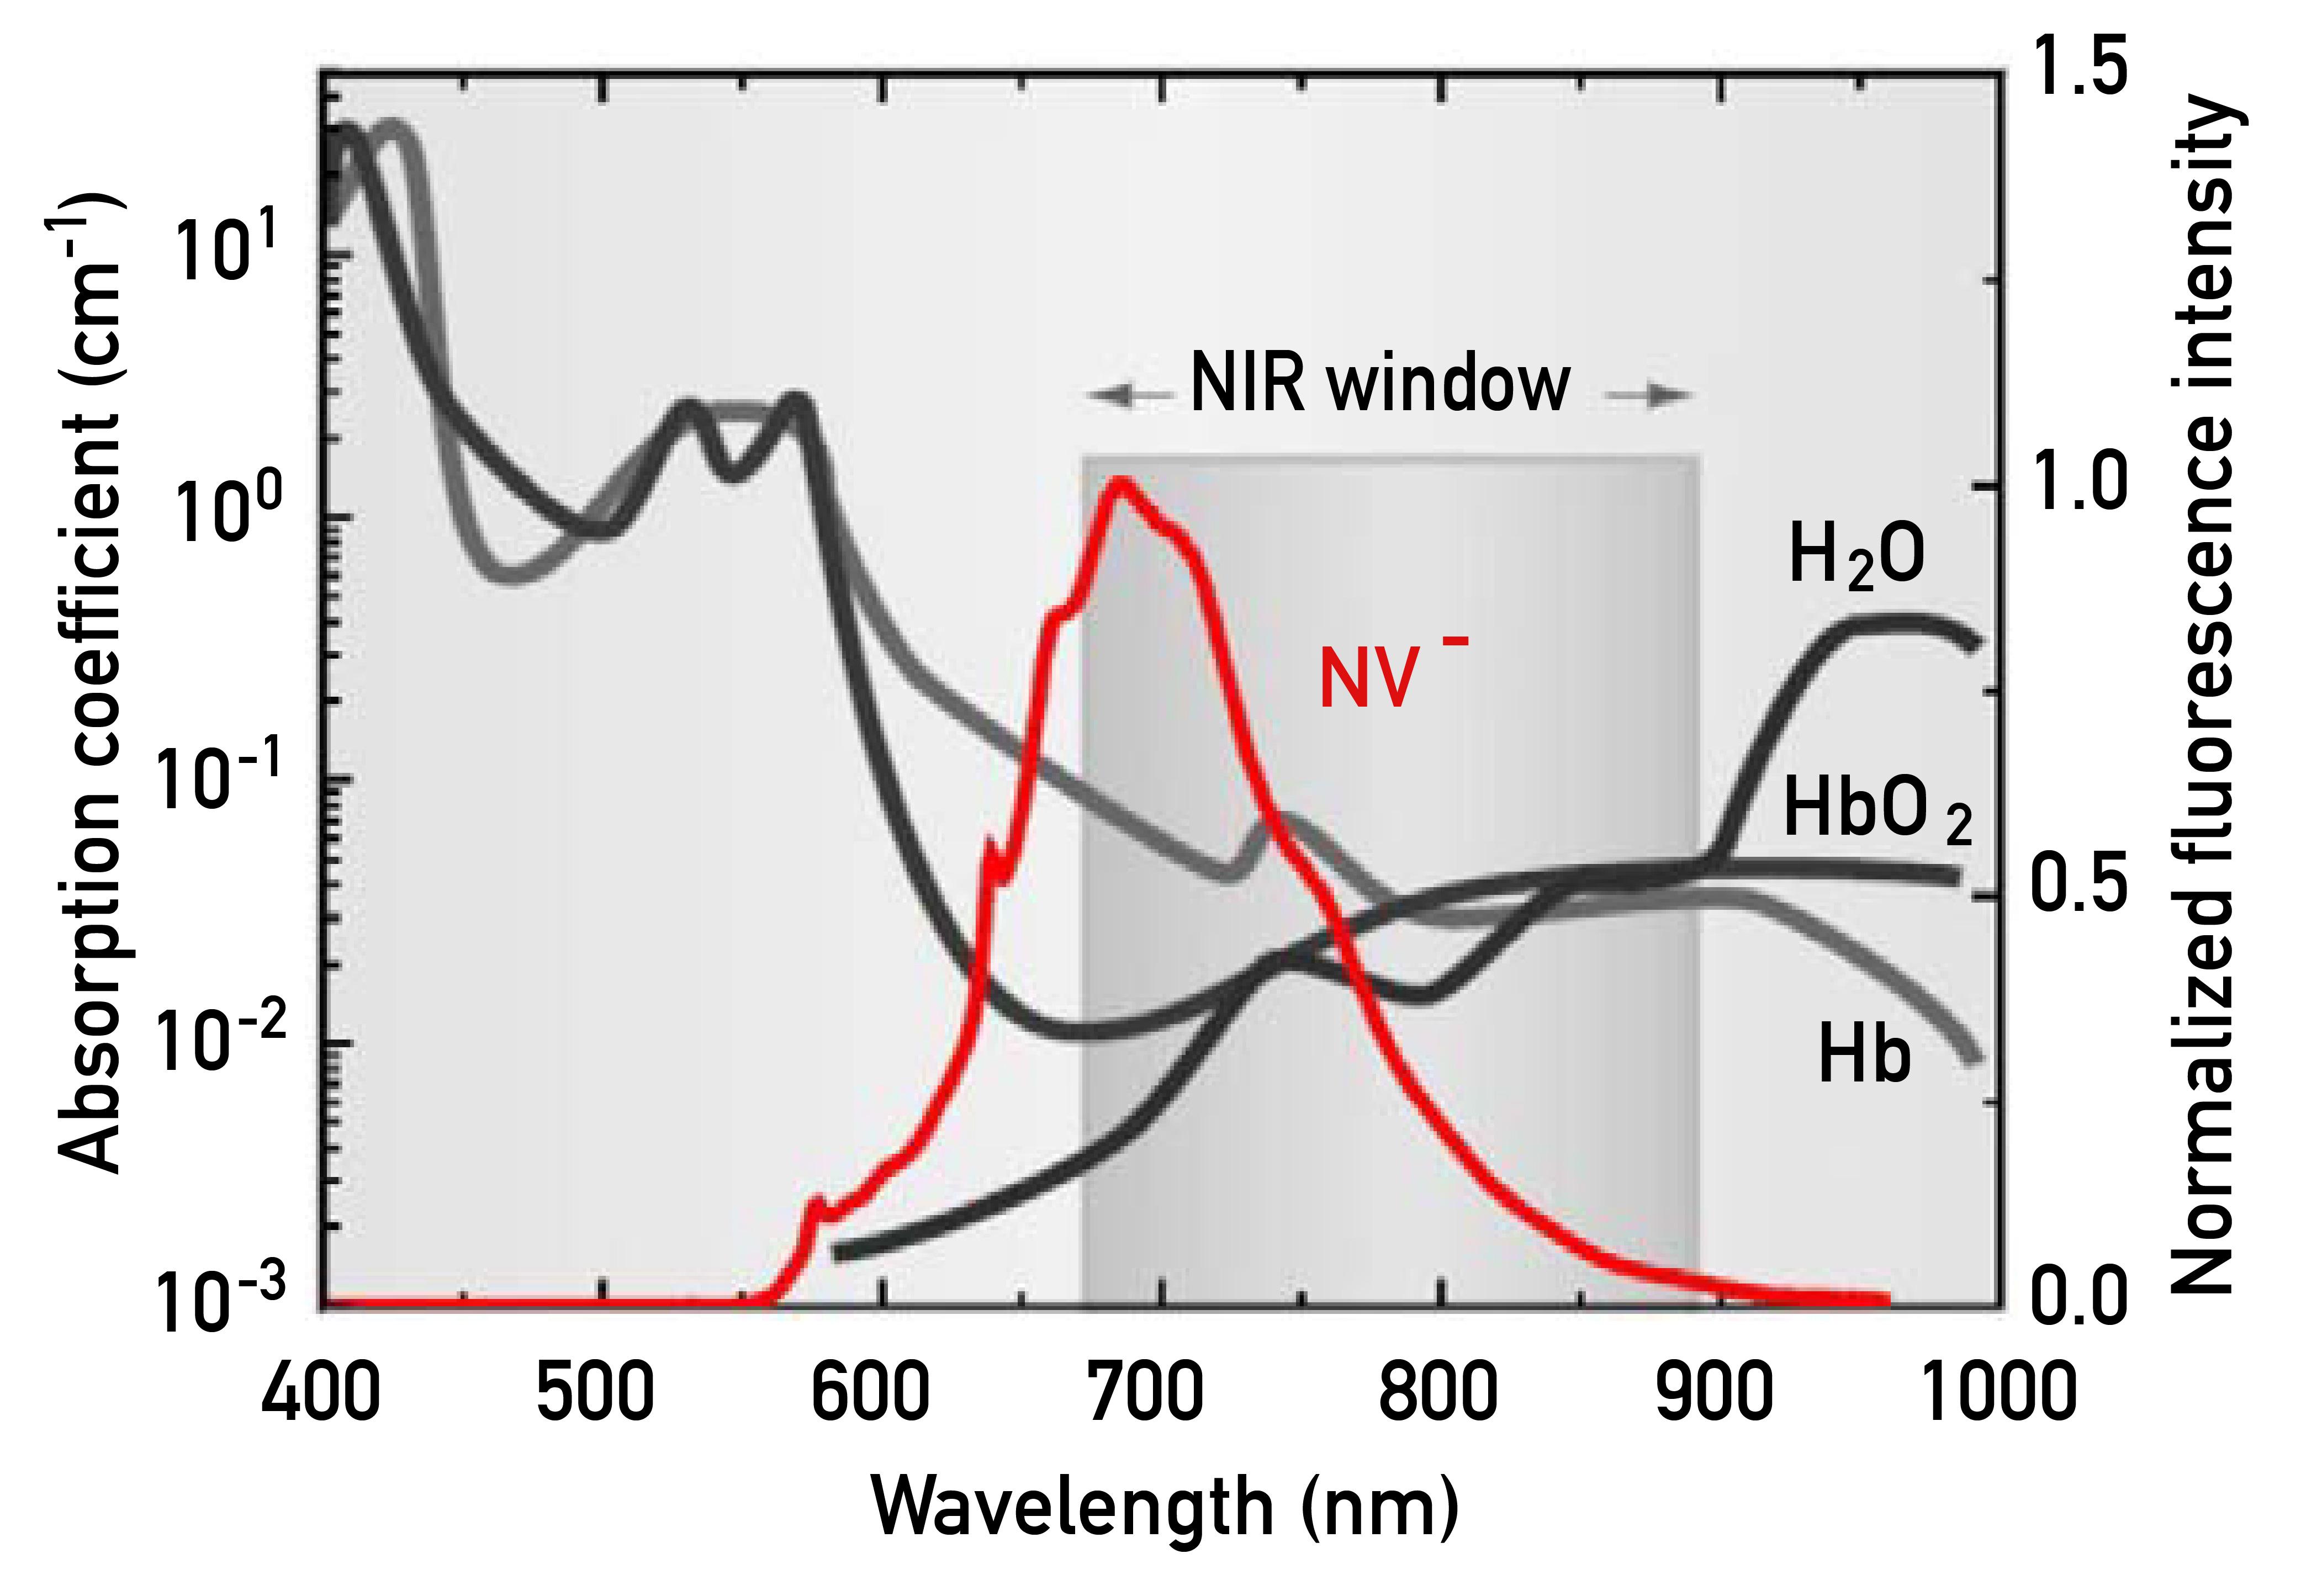 圖片中的「生物組織近紅外窗口(NIR Window)」,這段波長範圍剛好躲掉了人體血液、組織及水份的吸收帶,讓光能夠抵達人體深處。而螢光奈米鑽石發出的紅光(紅色曲線),波長大約 700 nm,可穿透生物組織,適合用於活體成像。 圖│〈螢光奈米鑽石〉,作者:張煥正